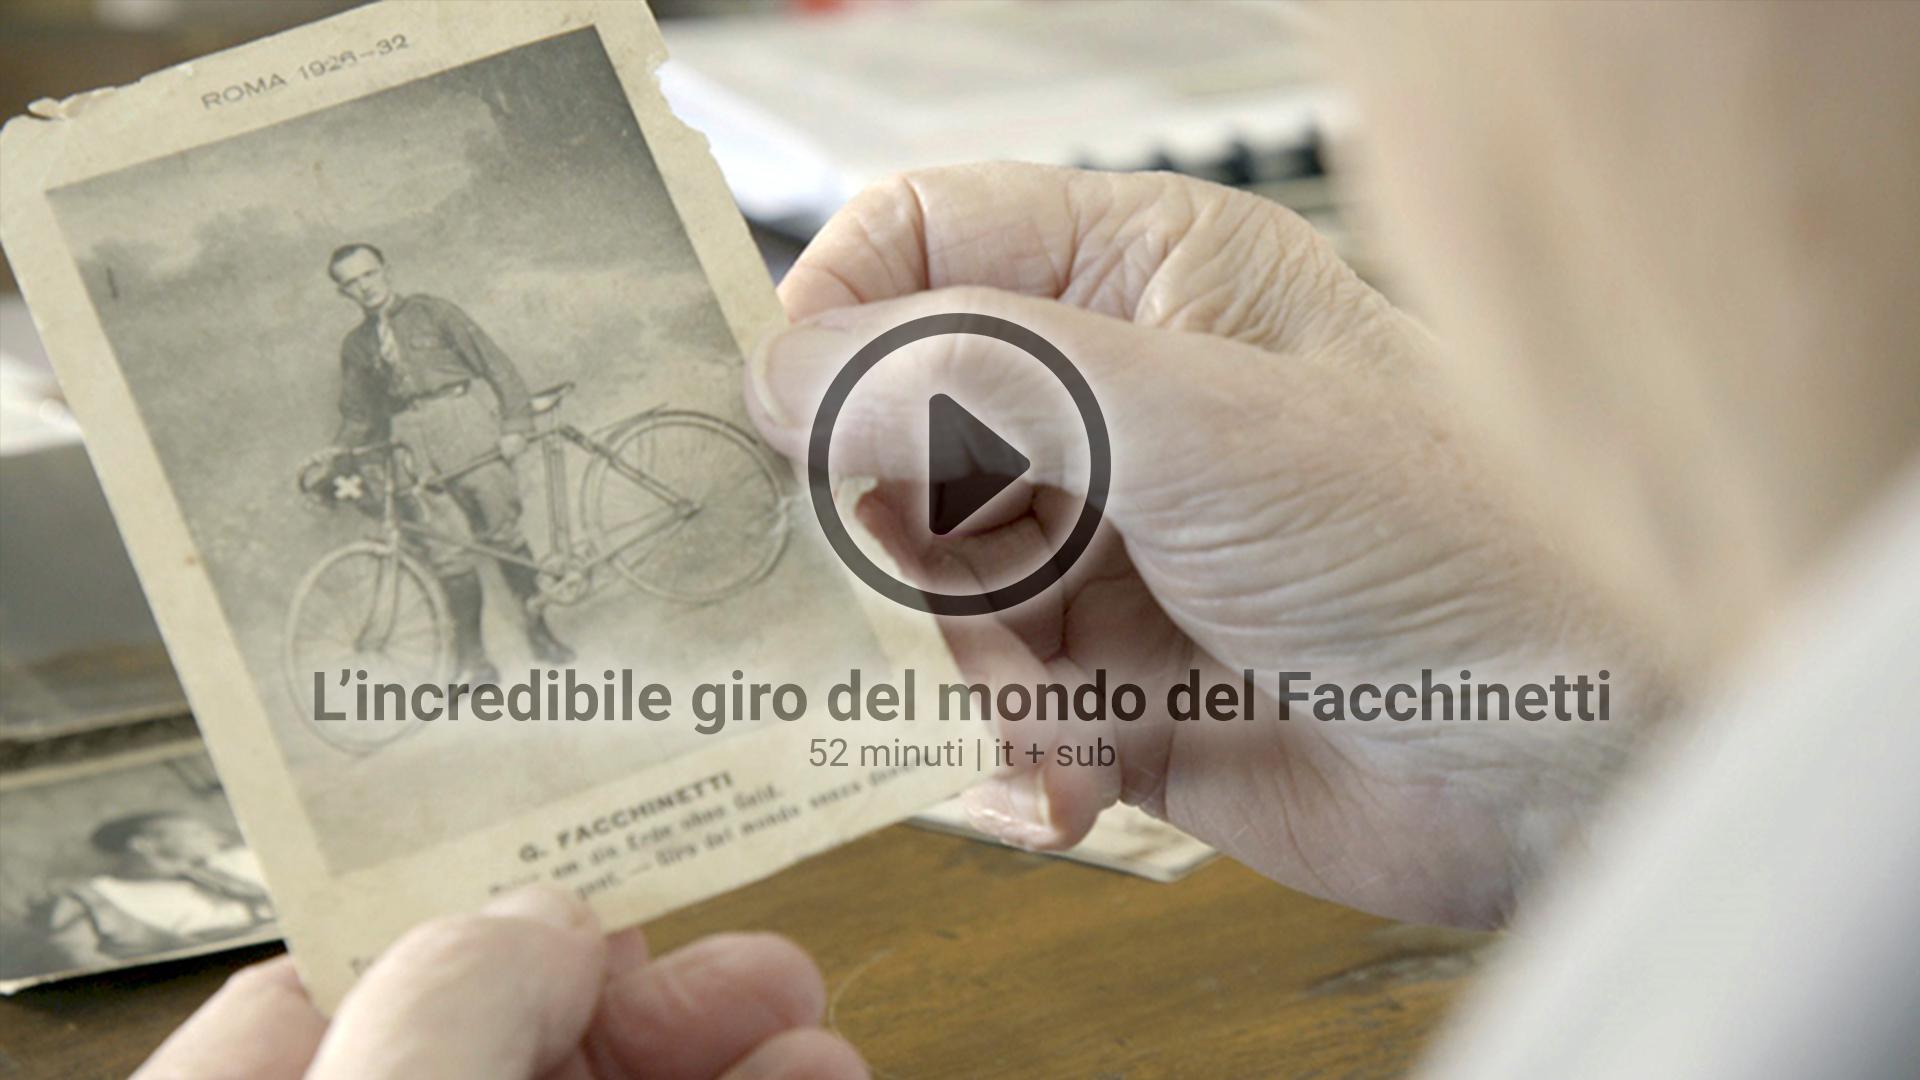 L'incredibile giro del mondo del Facchinetti di Curio